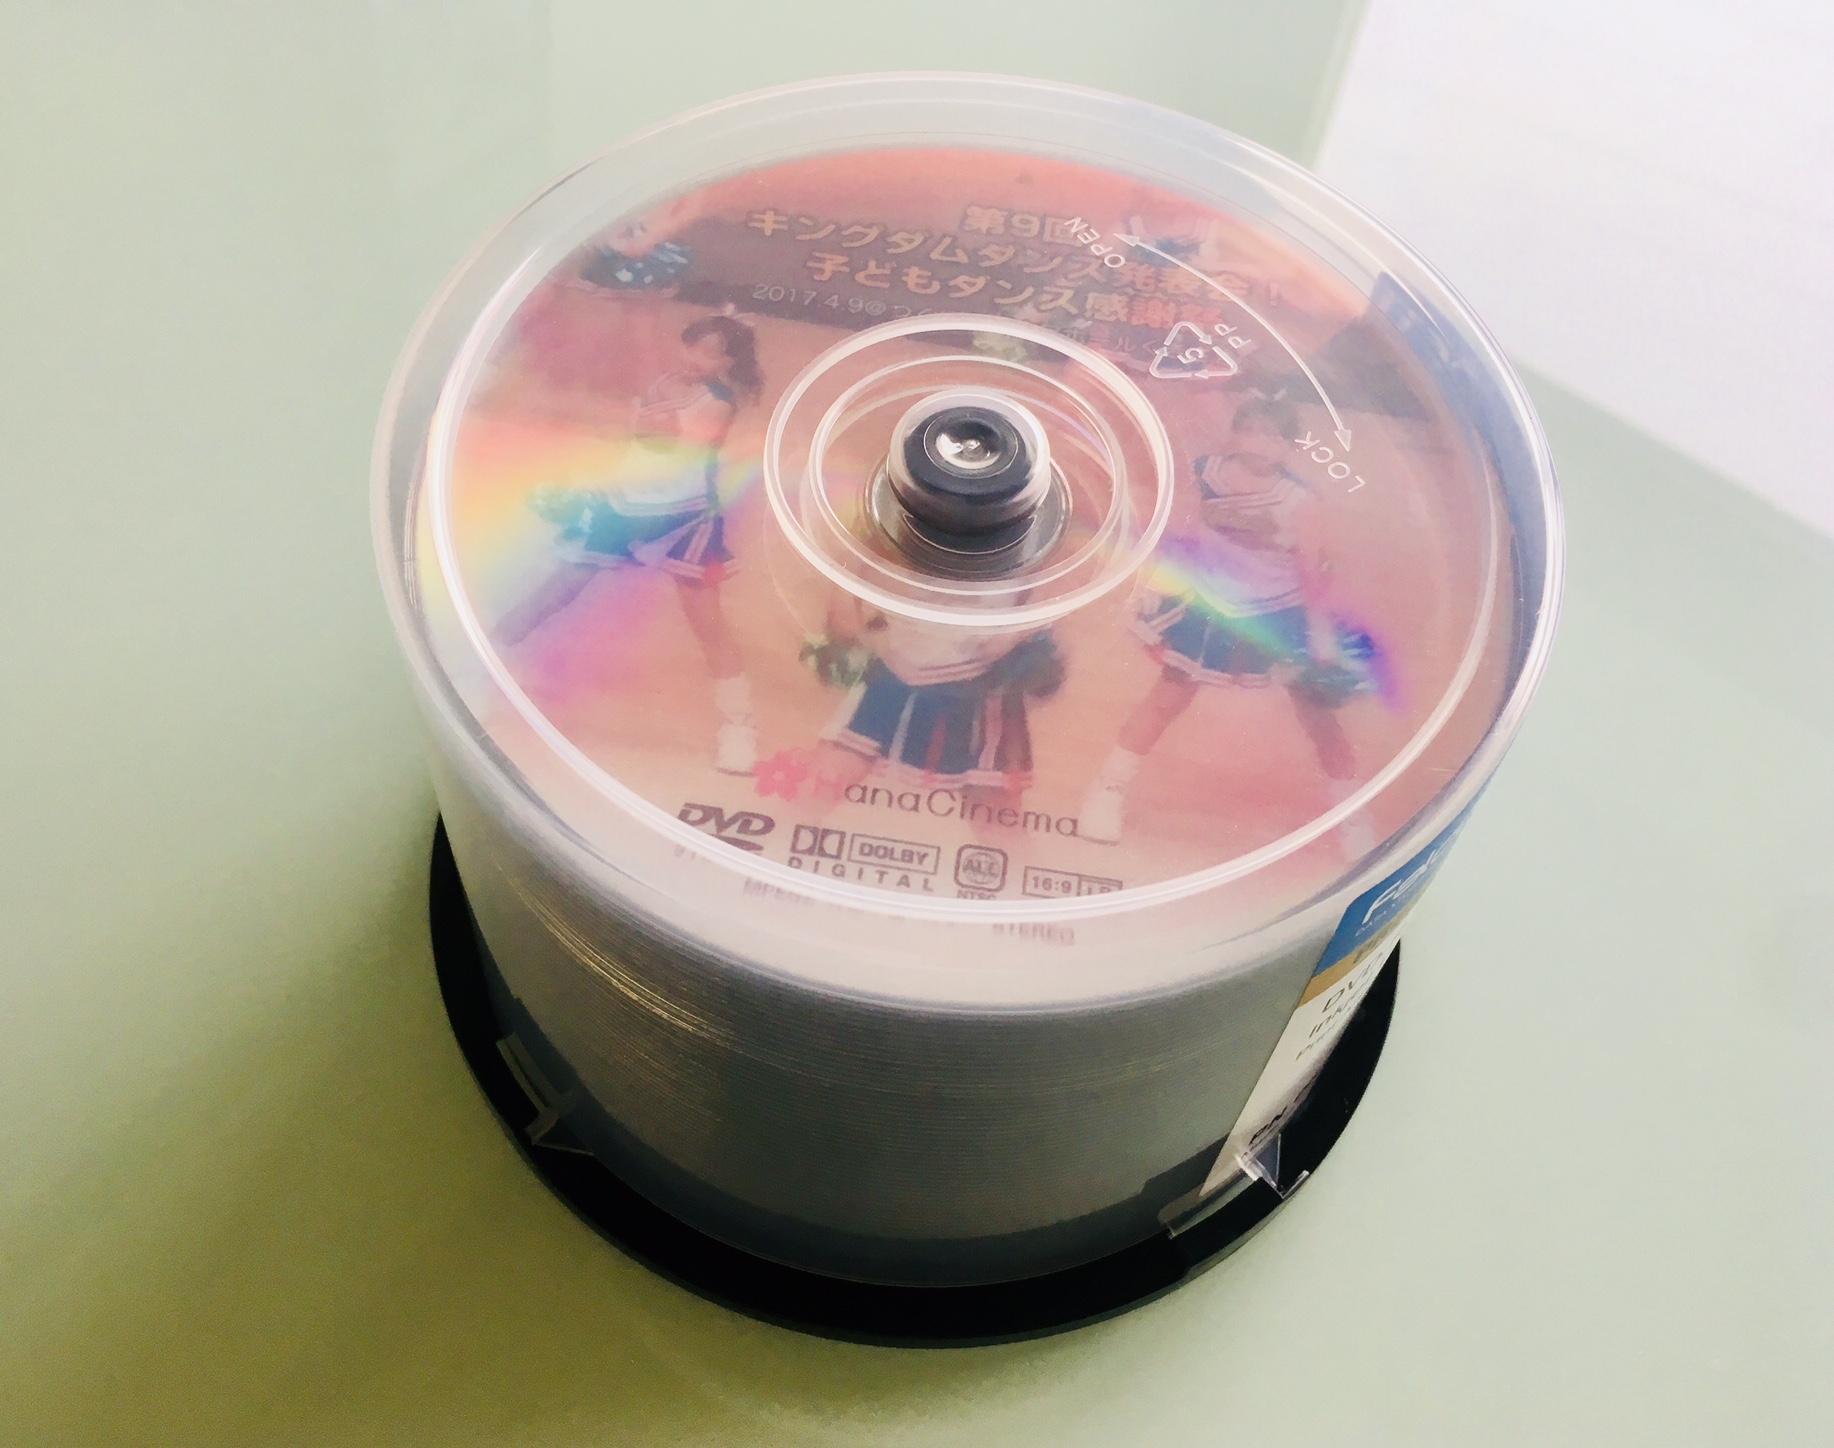 DVDコピースピンドルケース